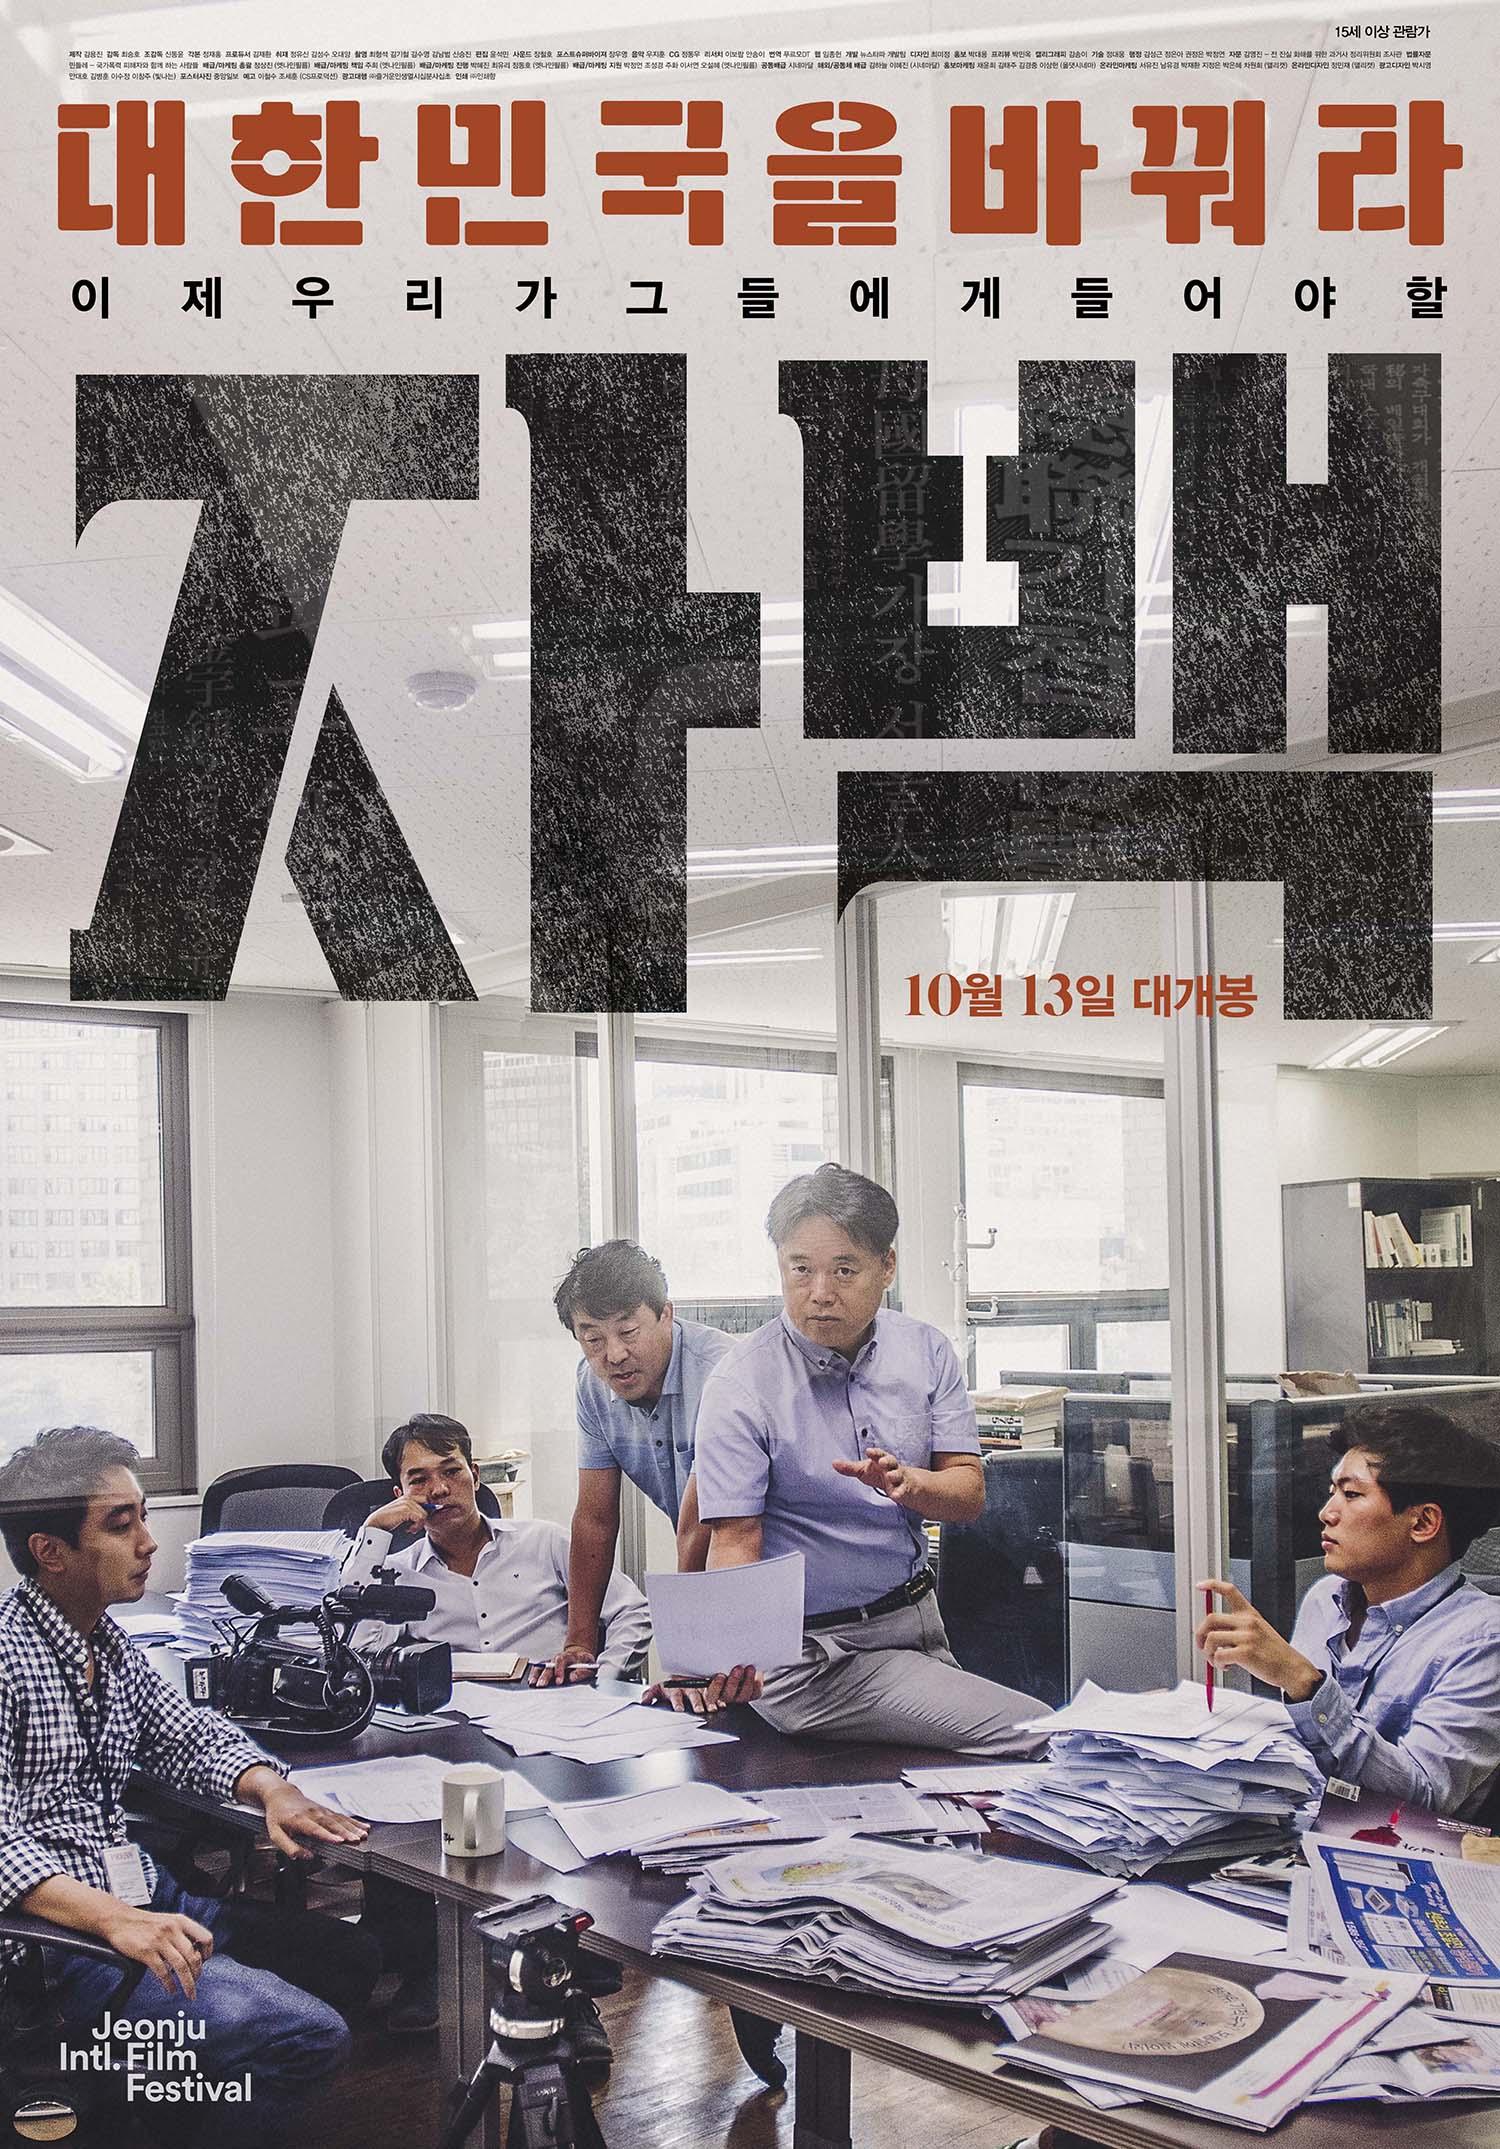 앤잇굿 선정 2016년 한국영화 베스트11